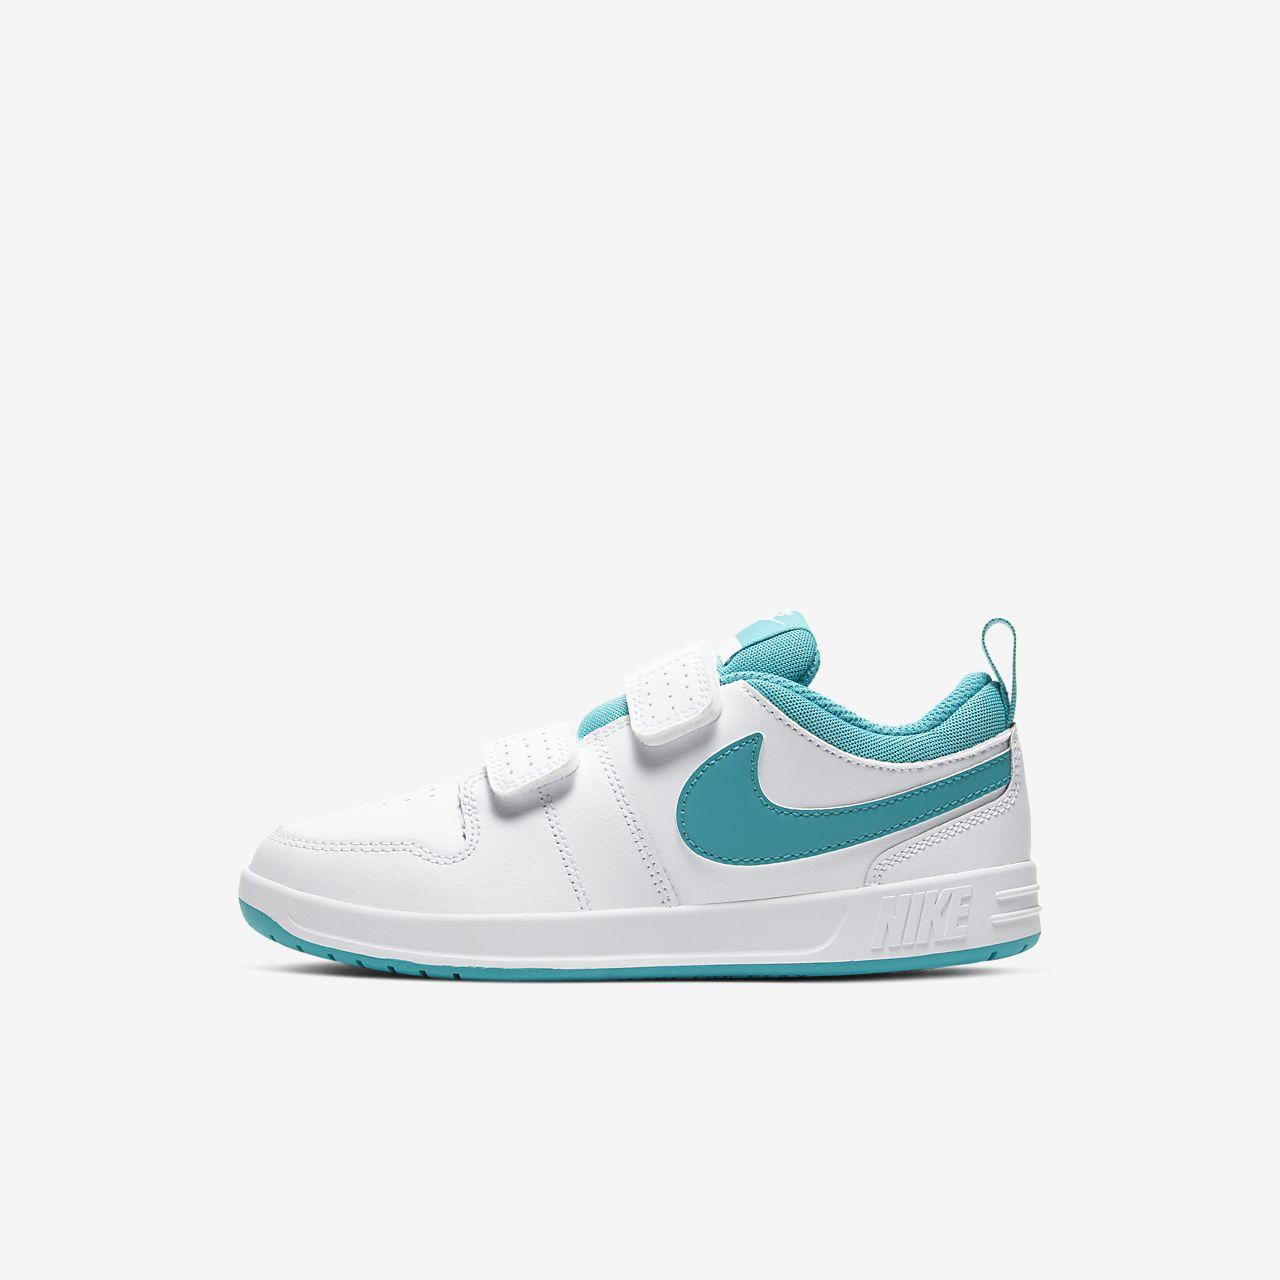 Nike Pico 5 Küçük Çocuk Ayakkabısı